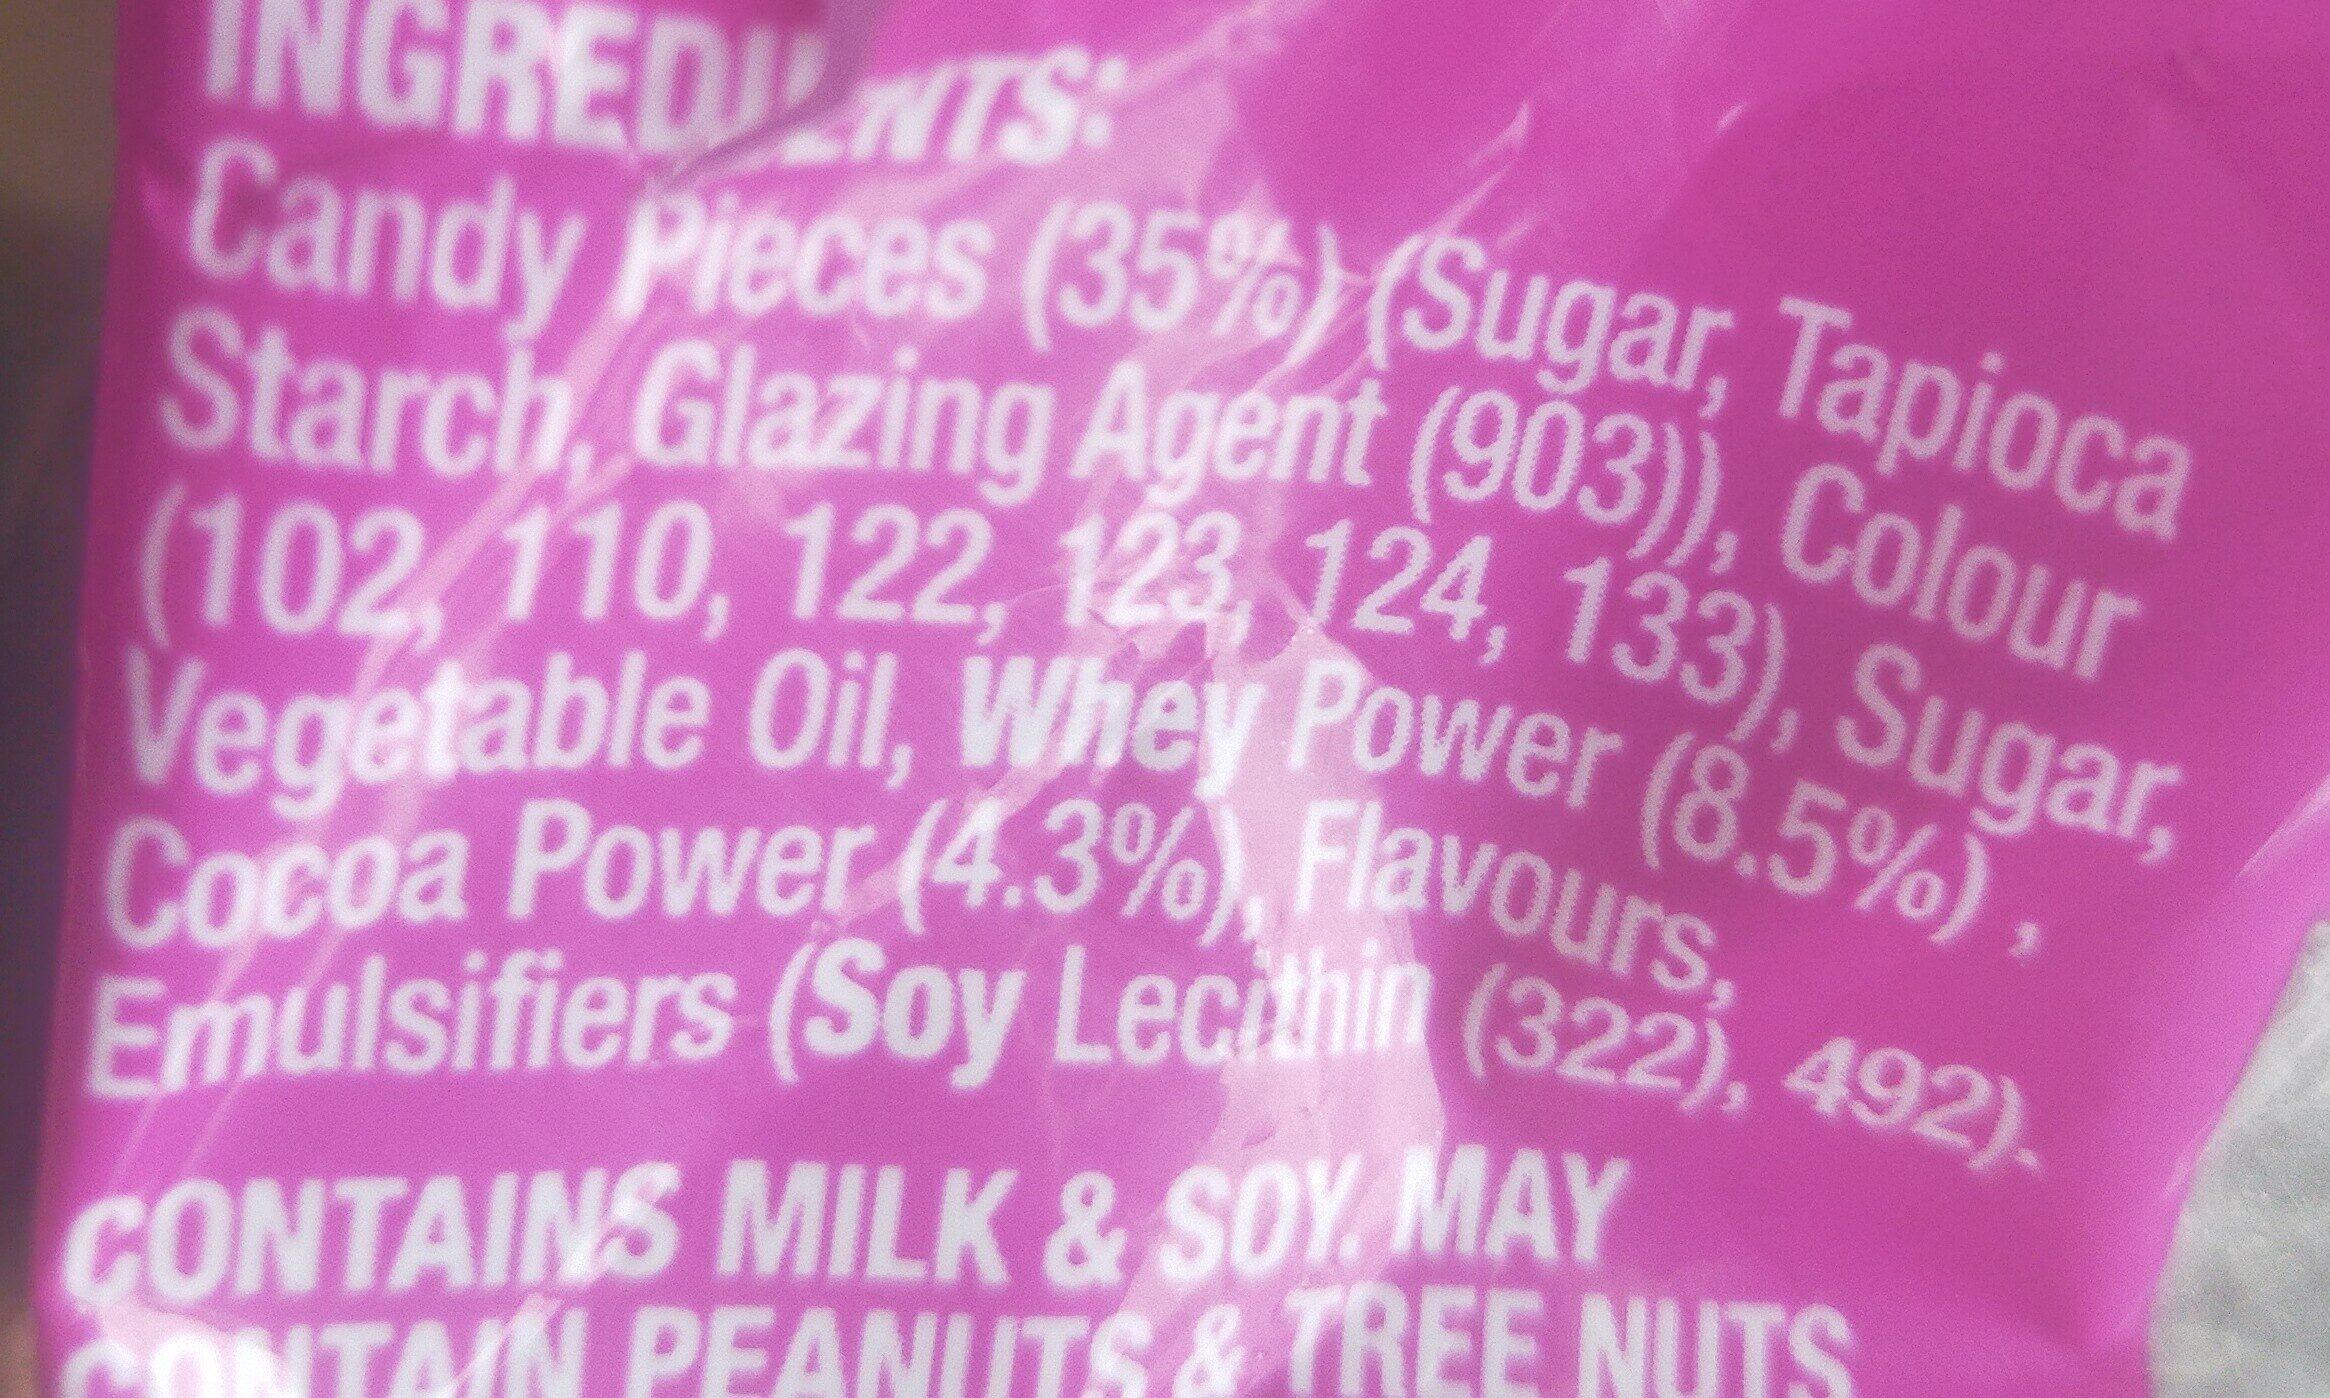 choc jewels - Ingredients - en